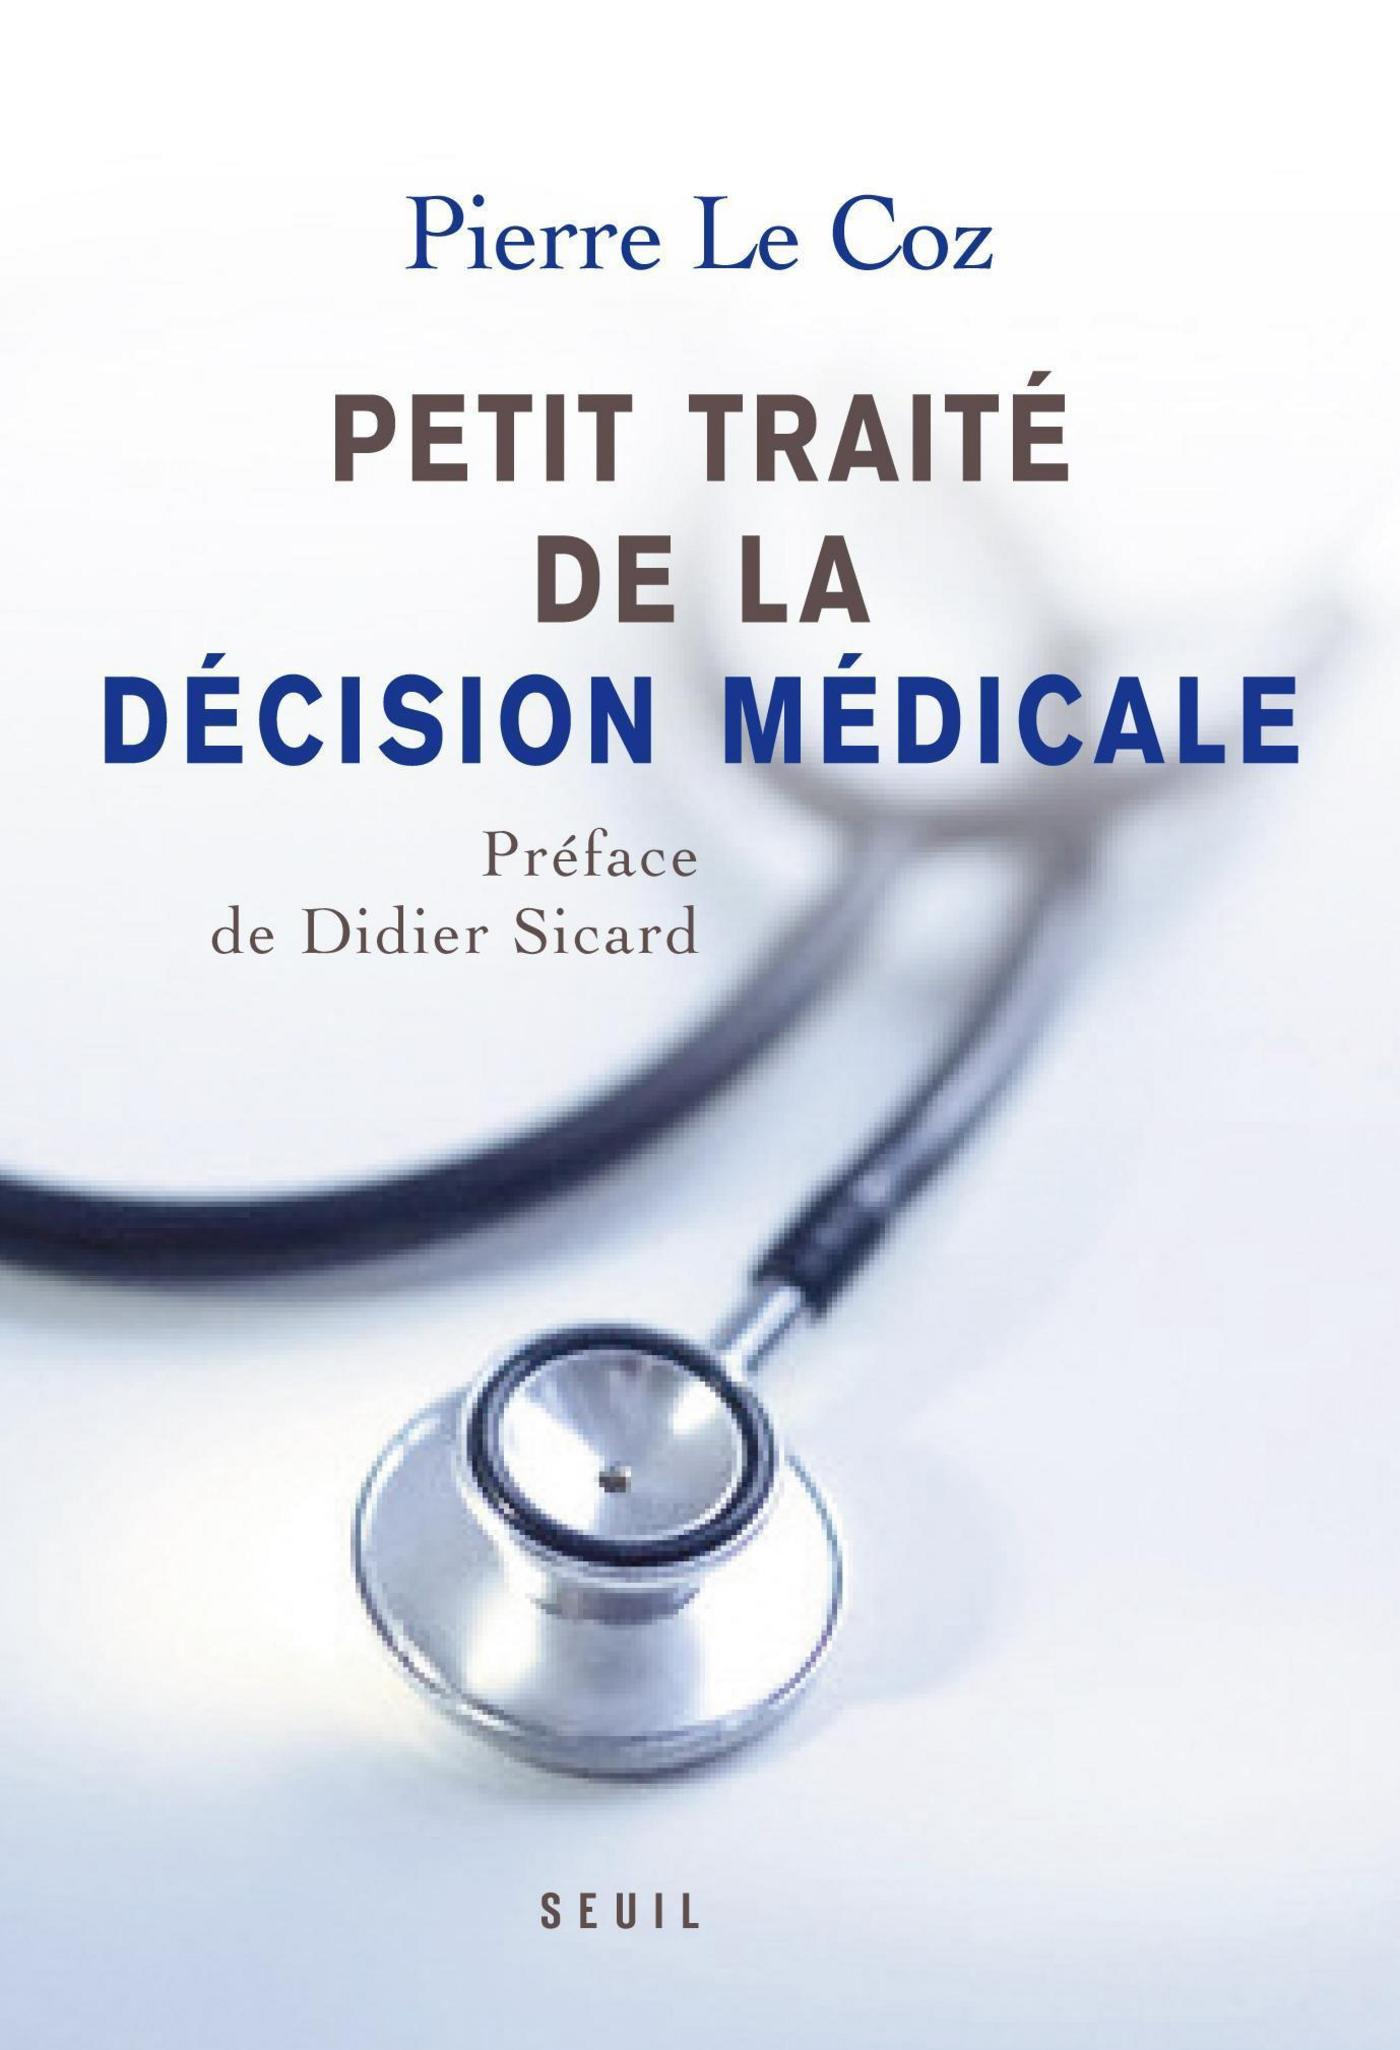 Petit traité de la décision médicale - Un nouveau cheminement au service des patients